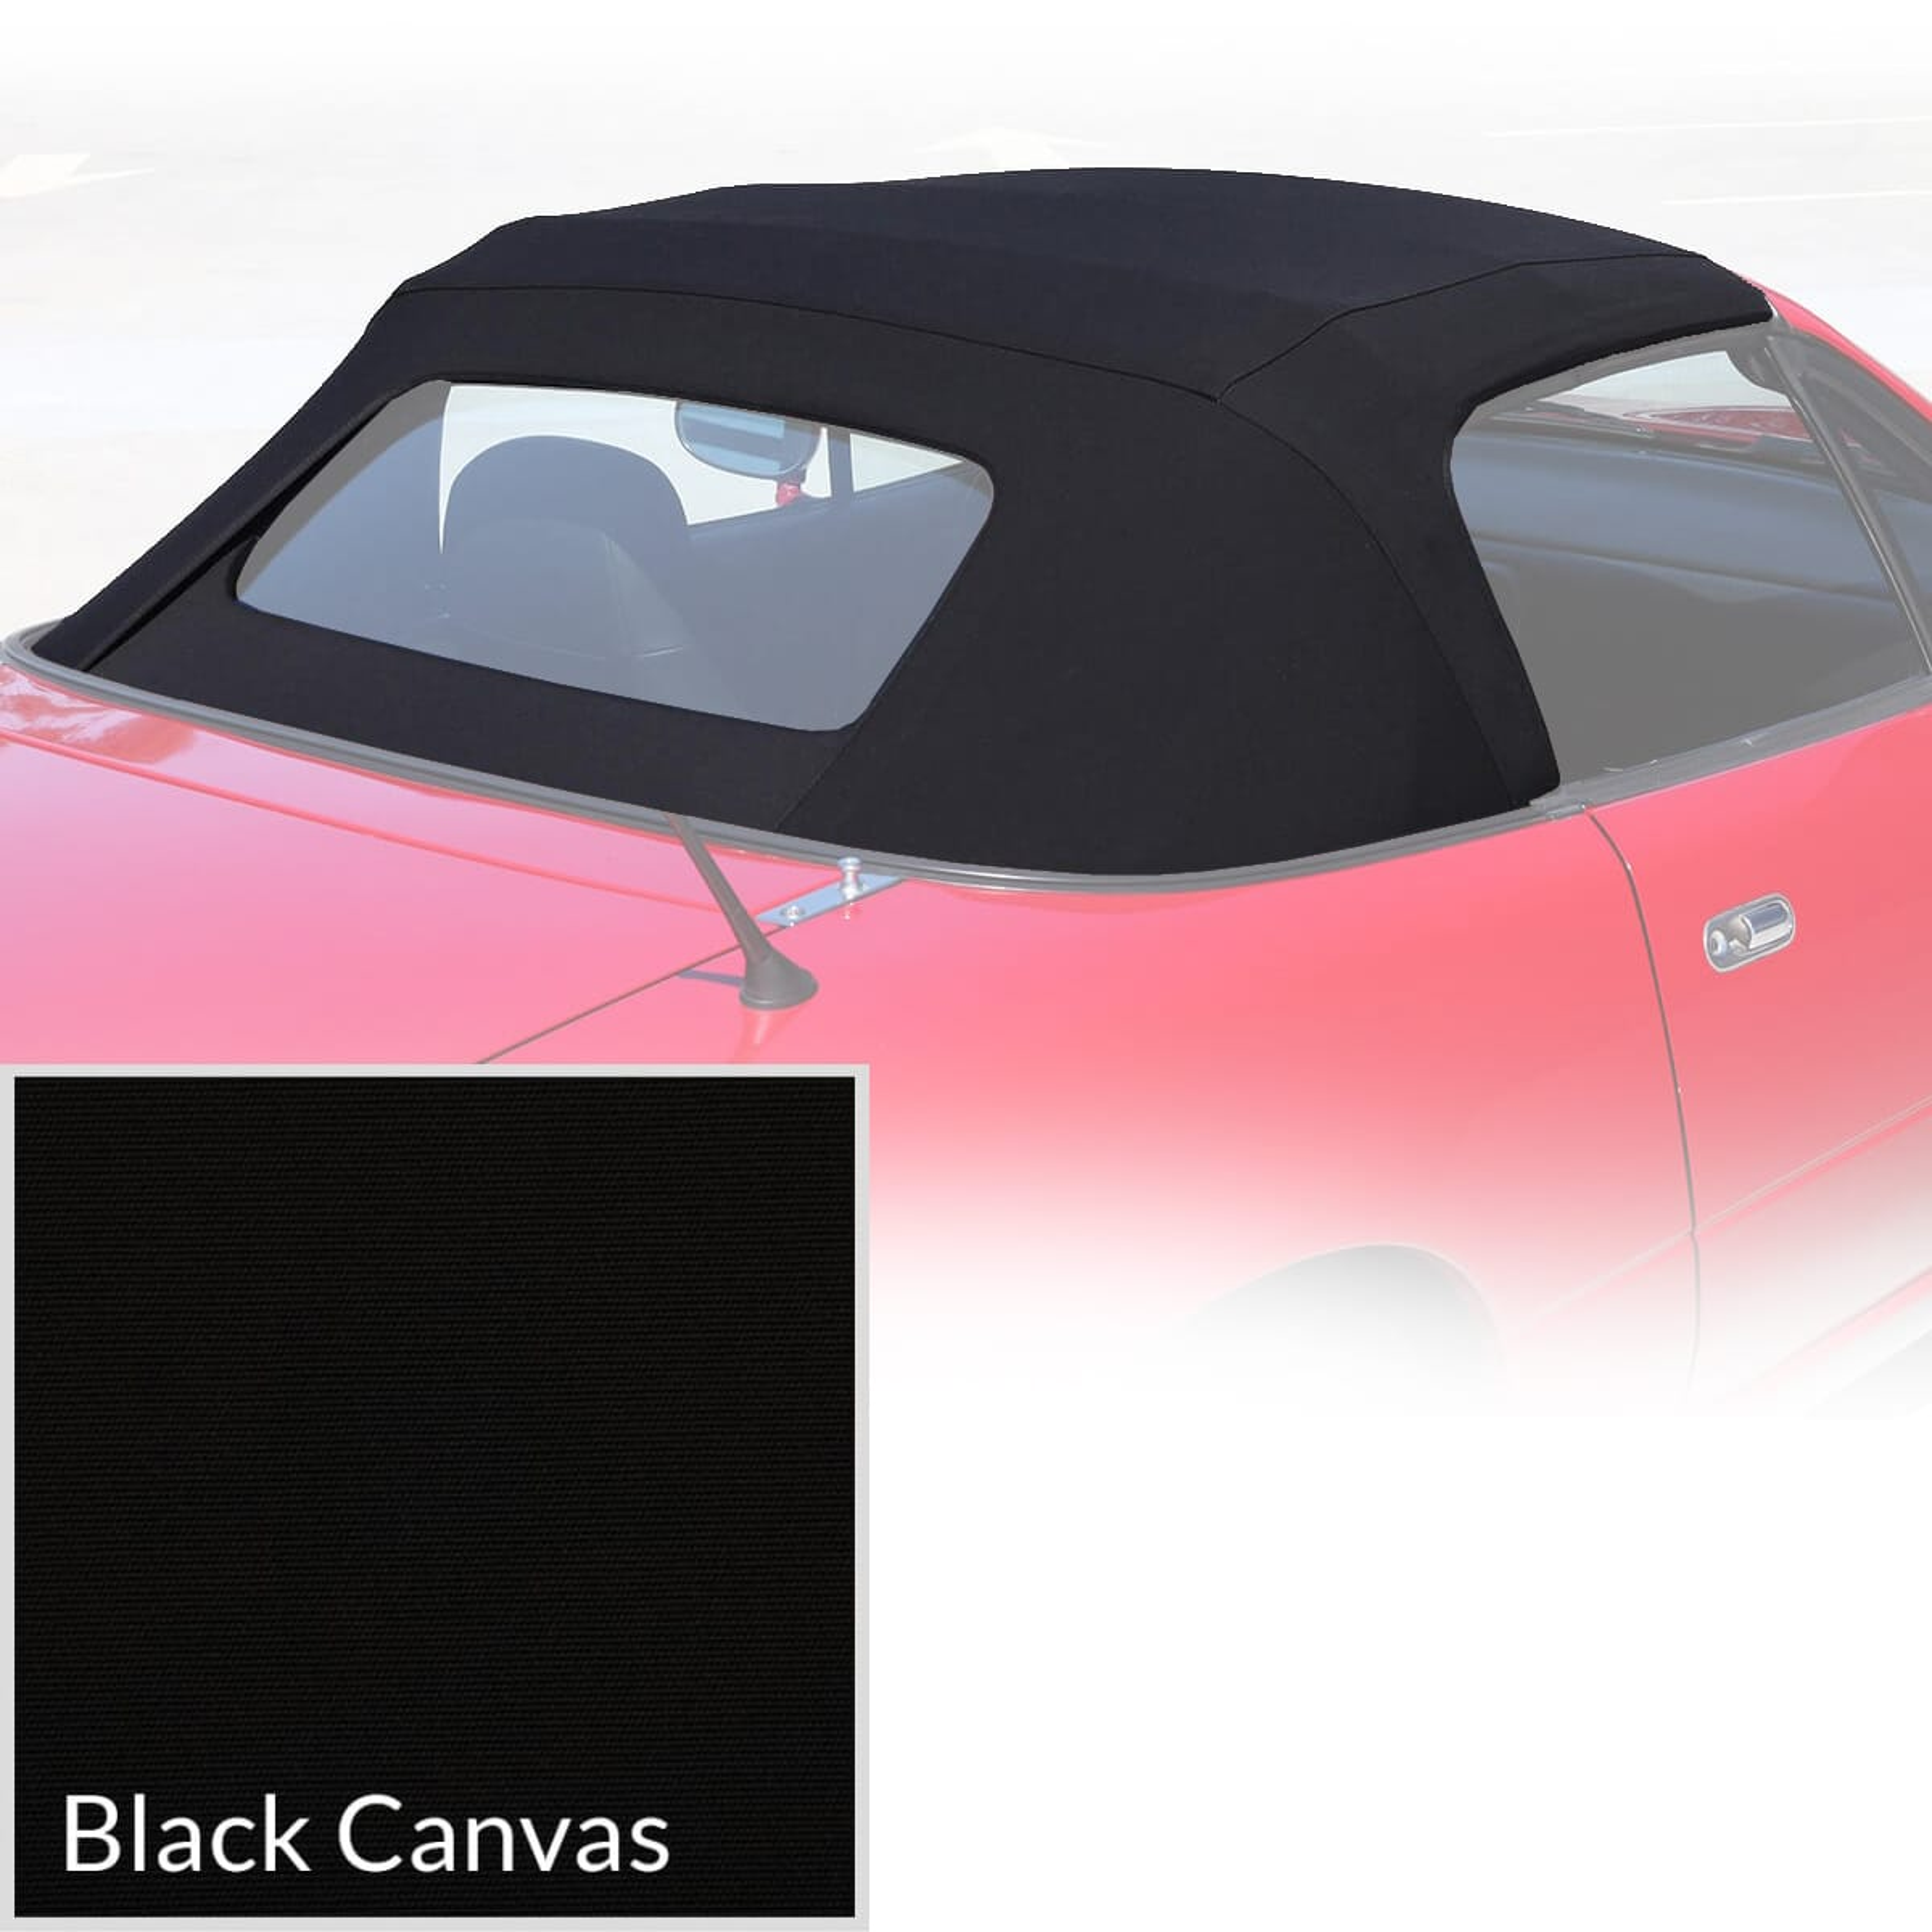 Hawk HB361N.622 HP Plus Front Disc Brake Pad Fits 00-09 Honda S2000//06-11 Civic